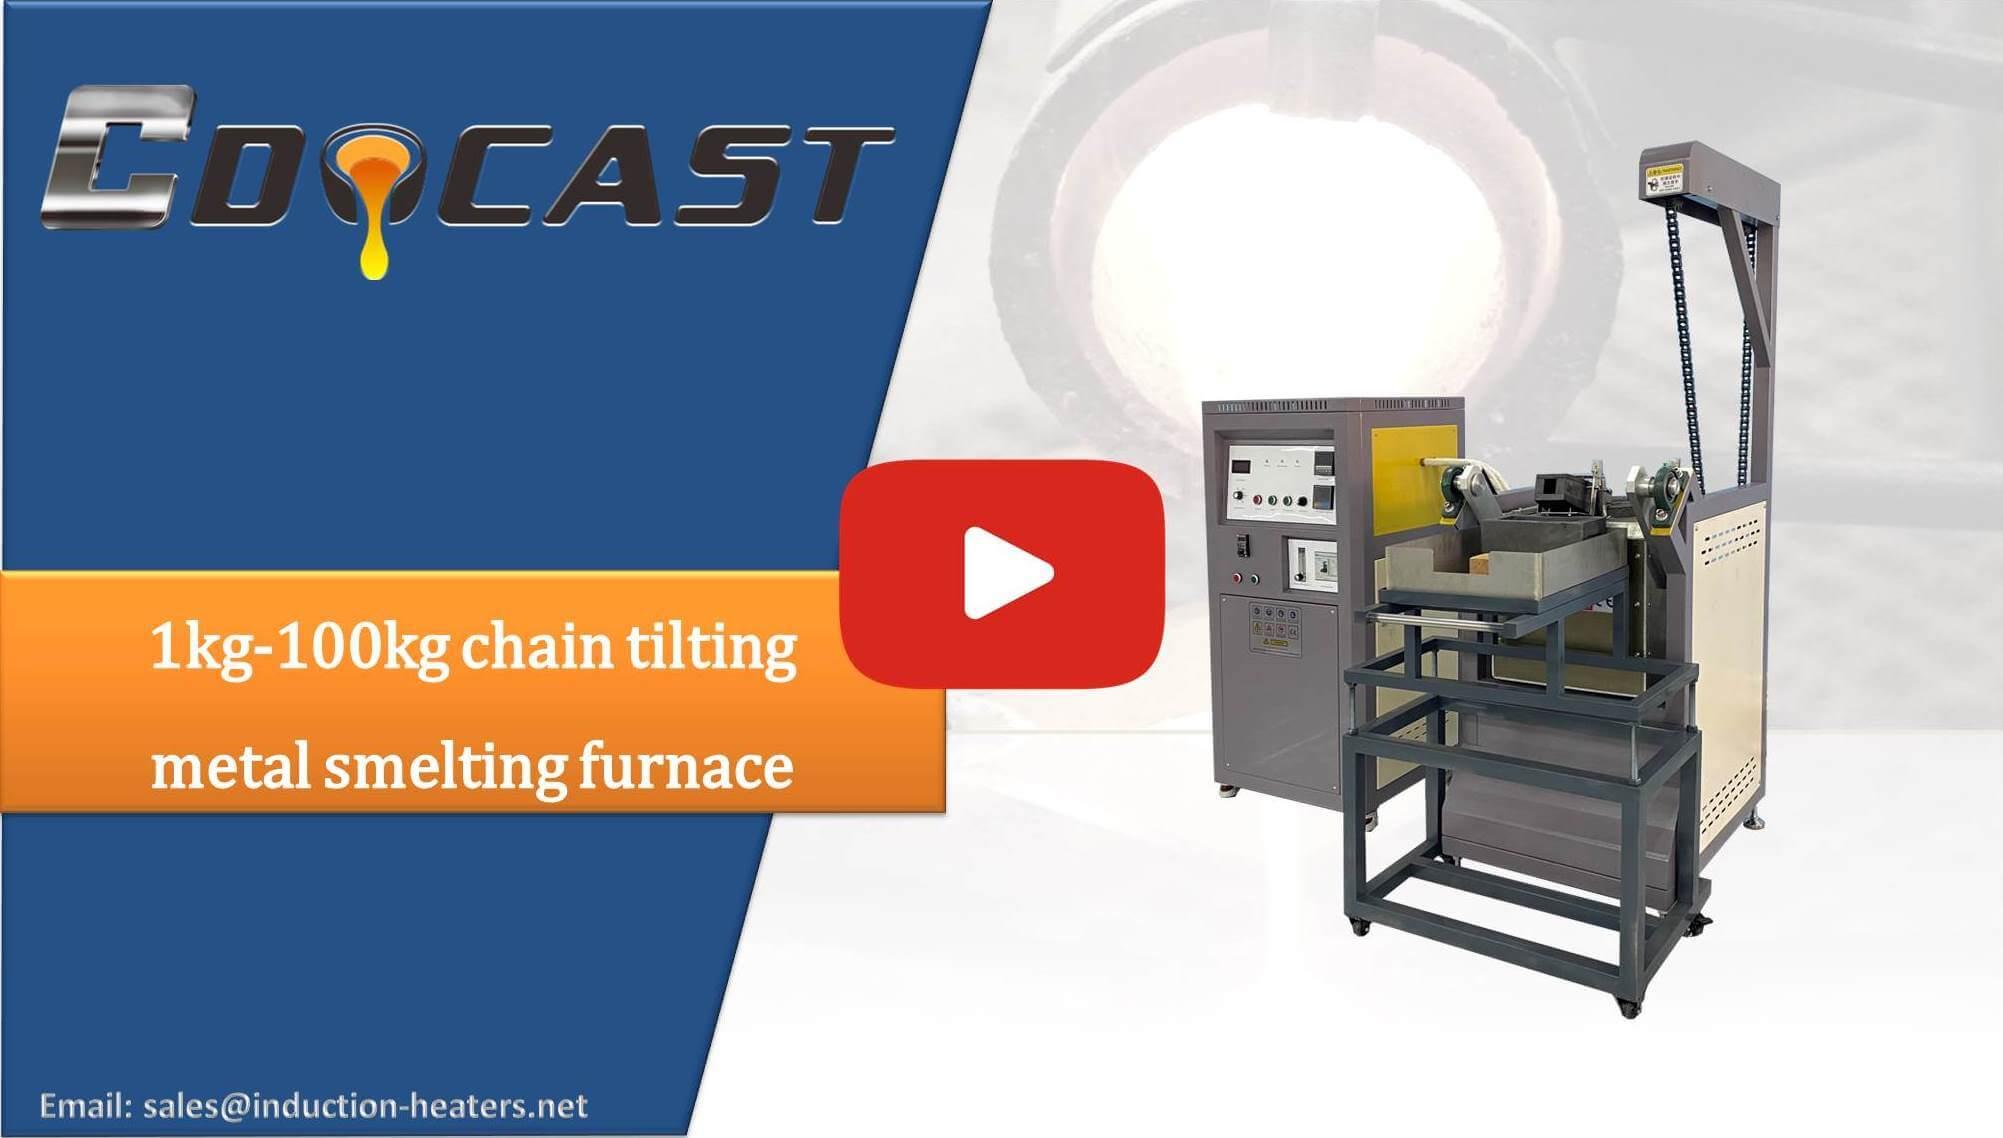 1kg-100kg chain tilting metal smelting furnace for gold silver copper